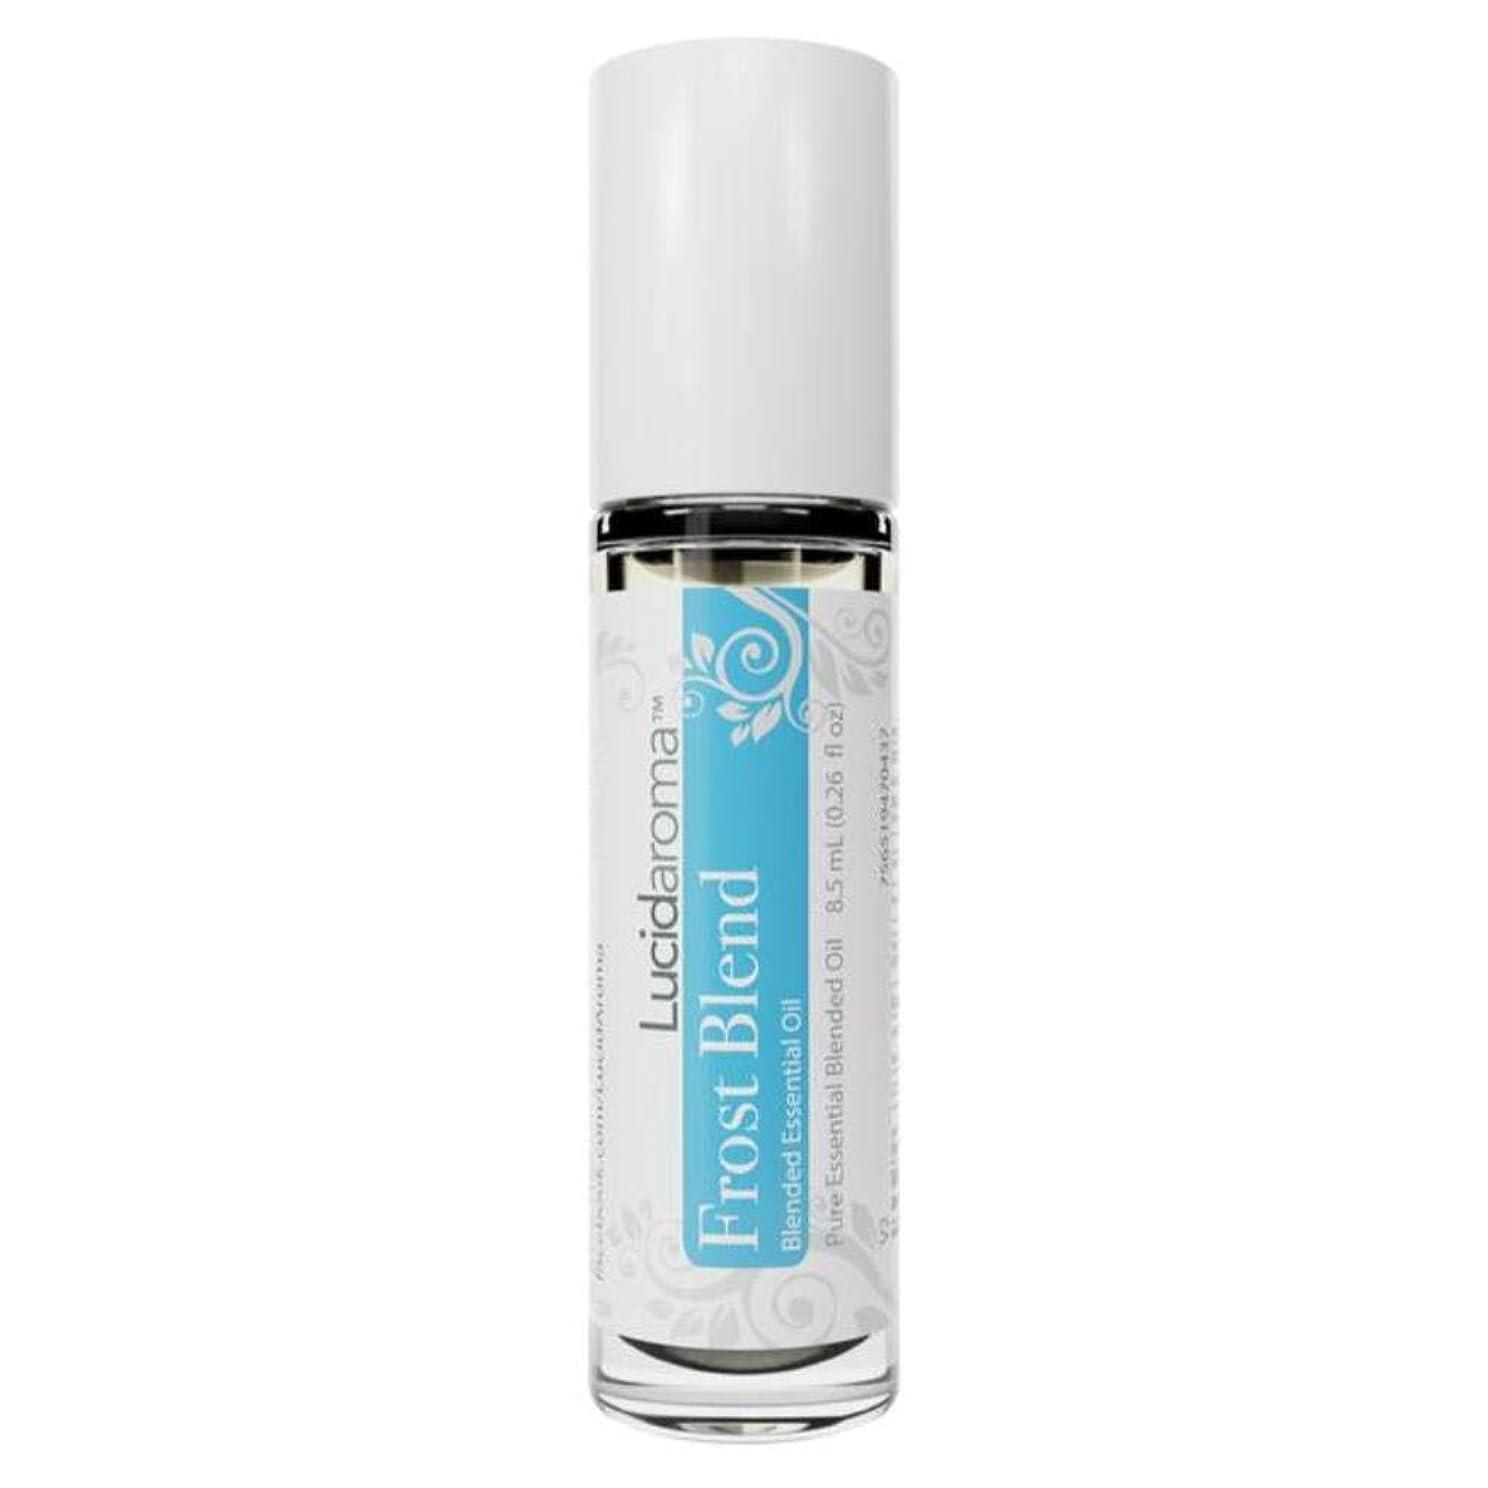 車コンデンサー連想Lucid Aroma Frost Blend フロスト ブレンド ロールオン アロマオイル 8.5mL (塗るアロマ) 100%天然 携帯便利 ピュア エッセンシャル アメリカ製